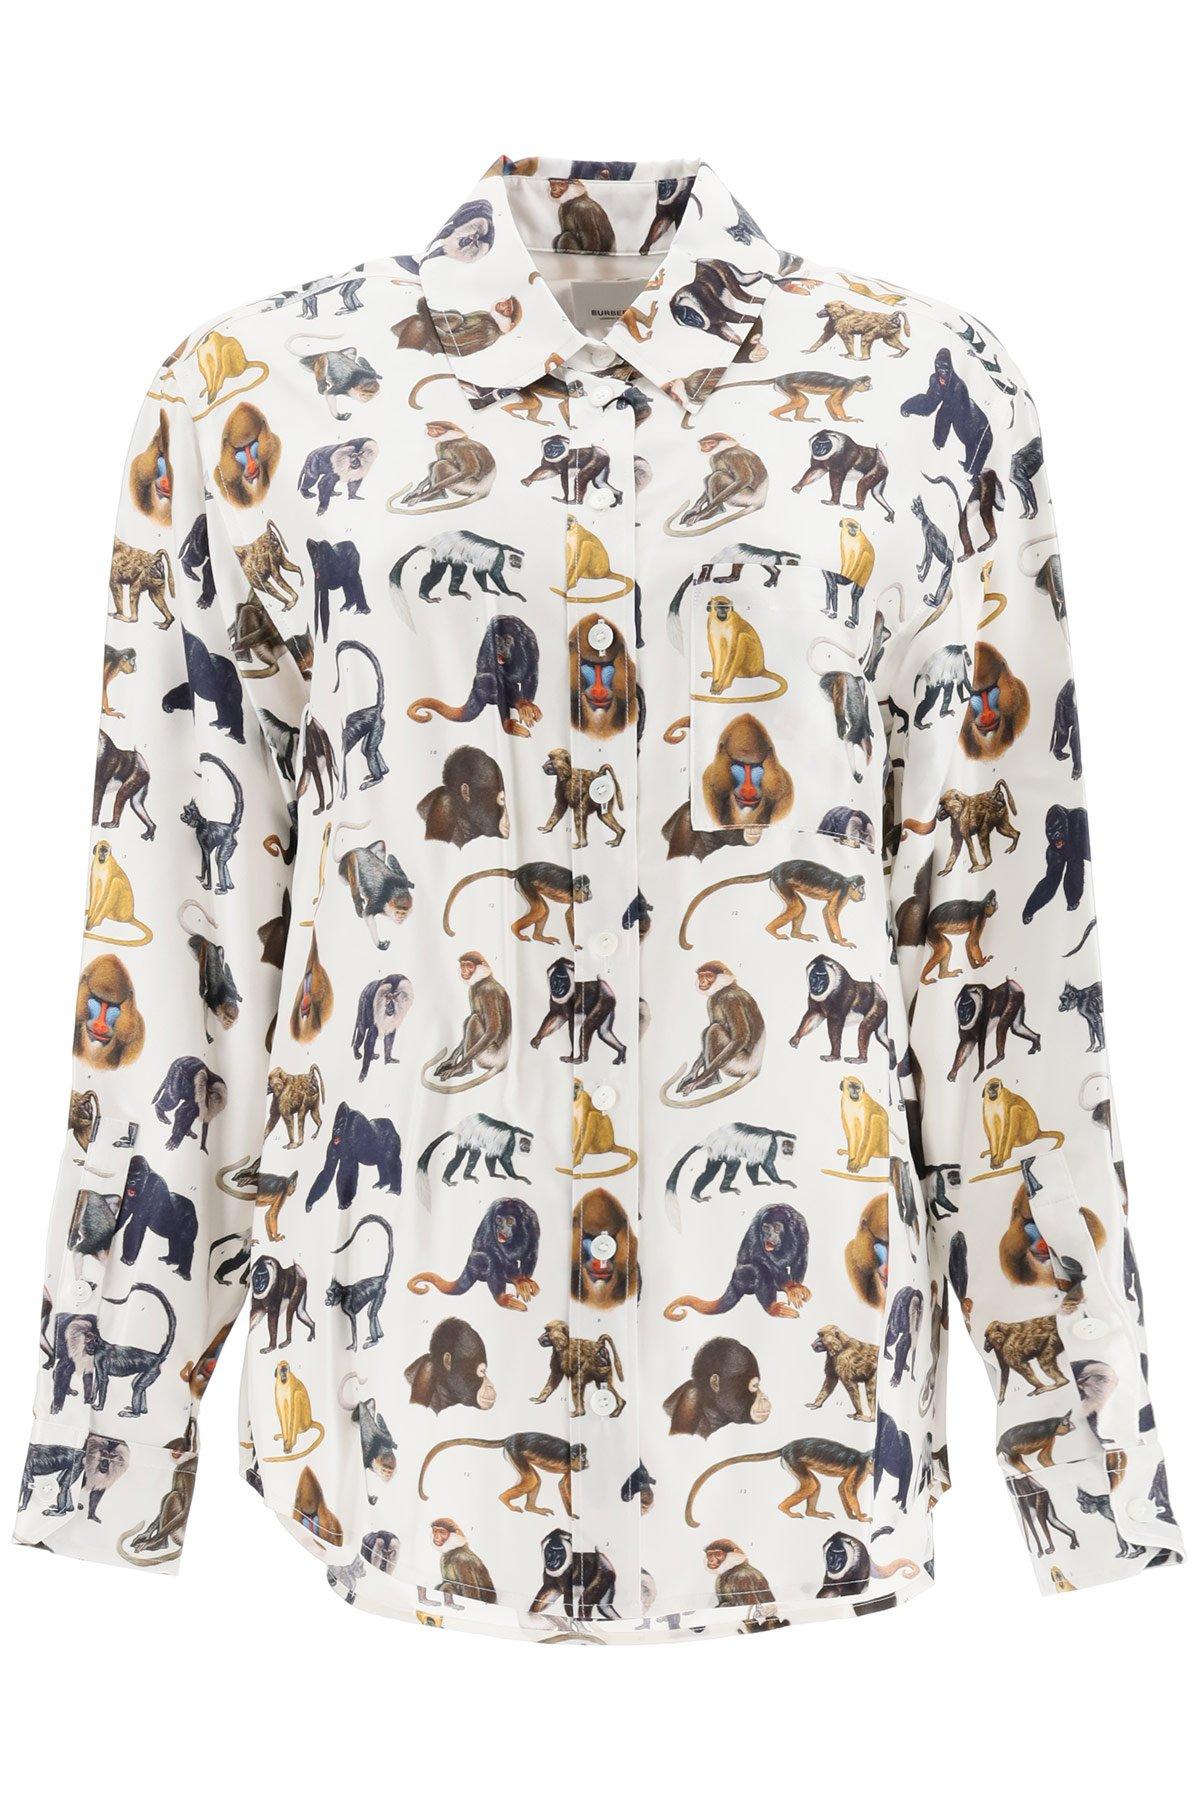 Burberry camicia seta stampa scimmie